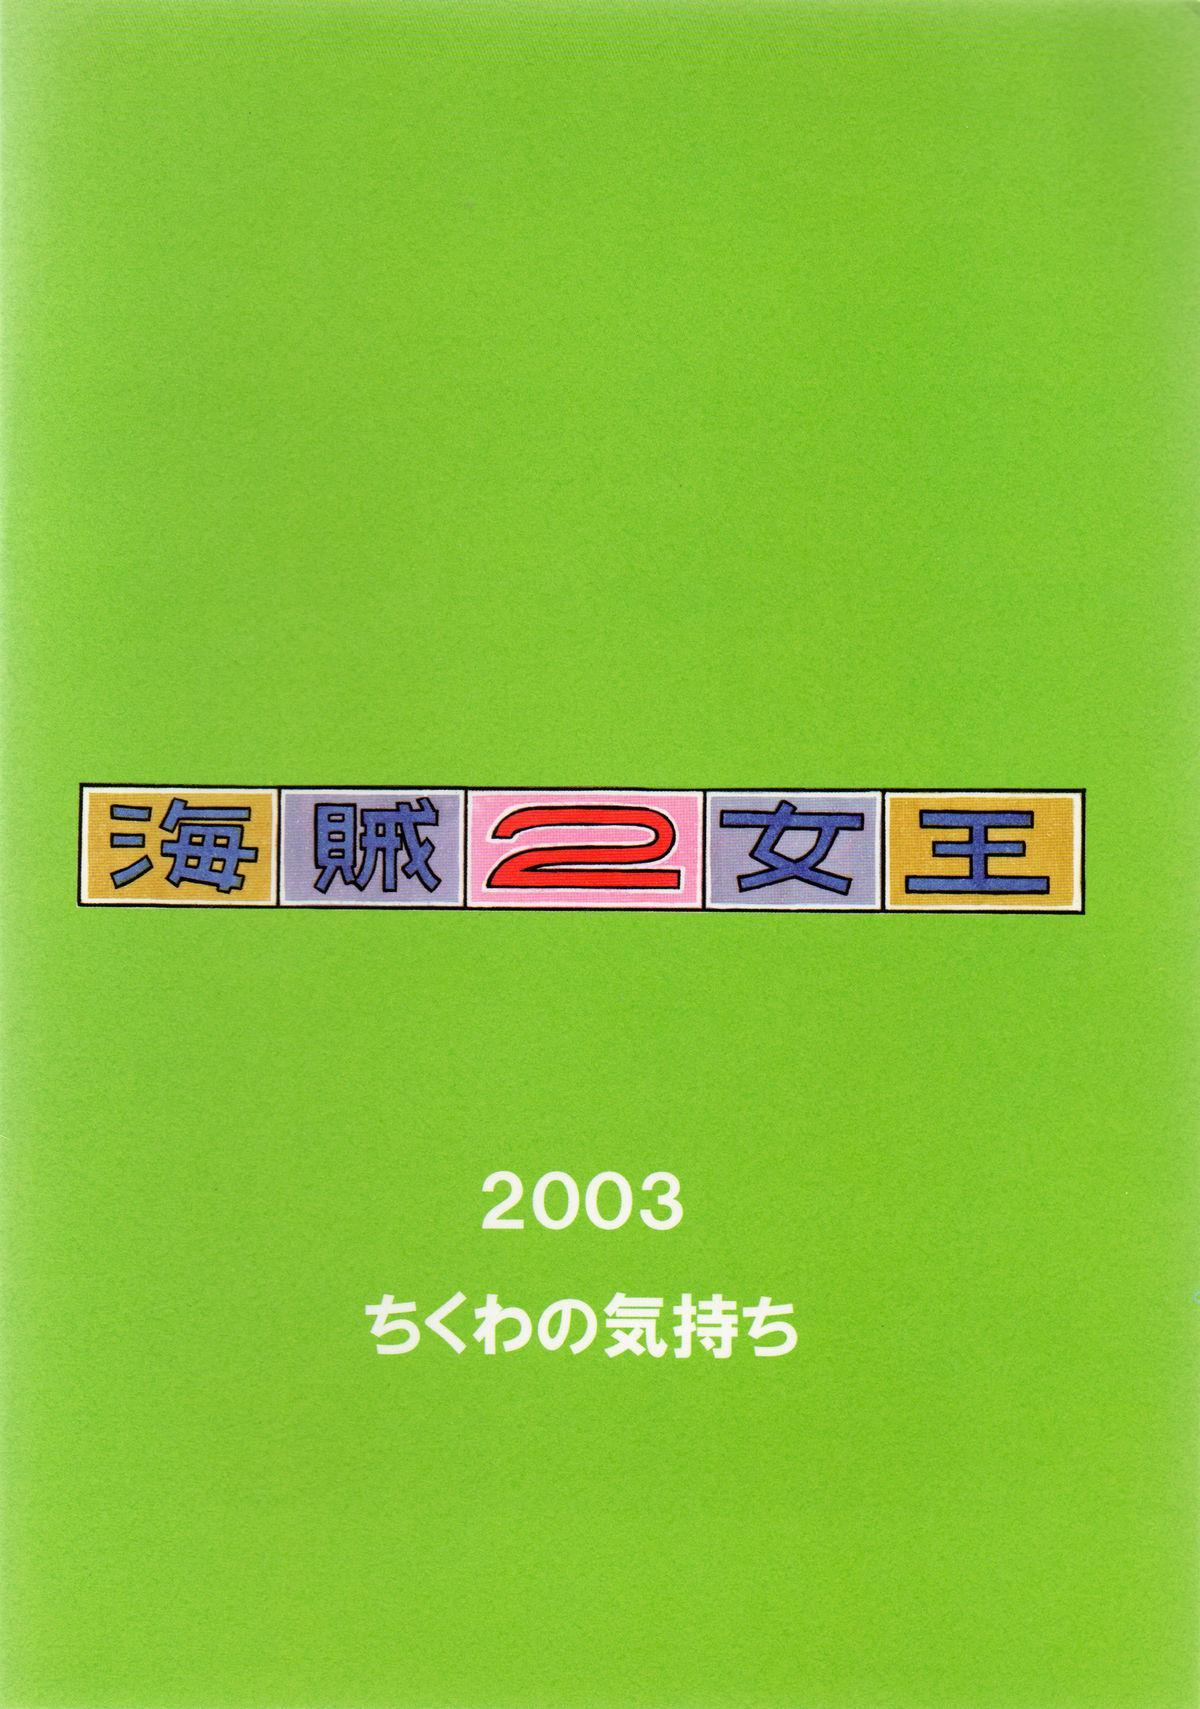 Kaizoku Joou 2 1